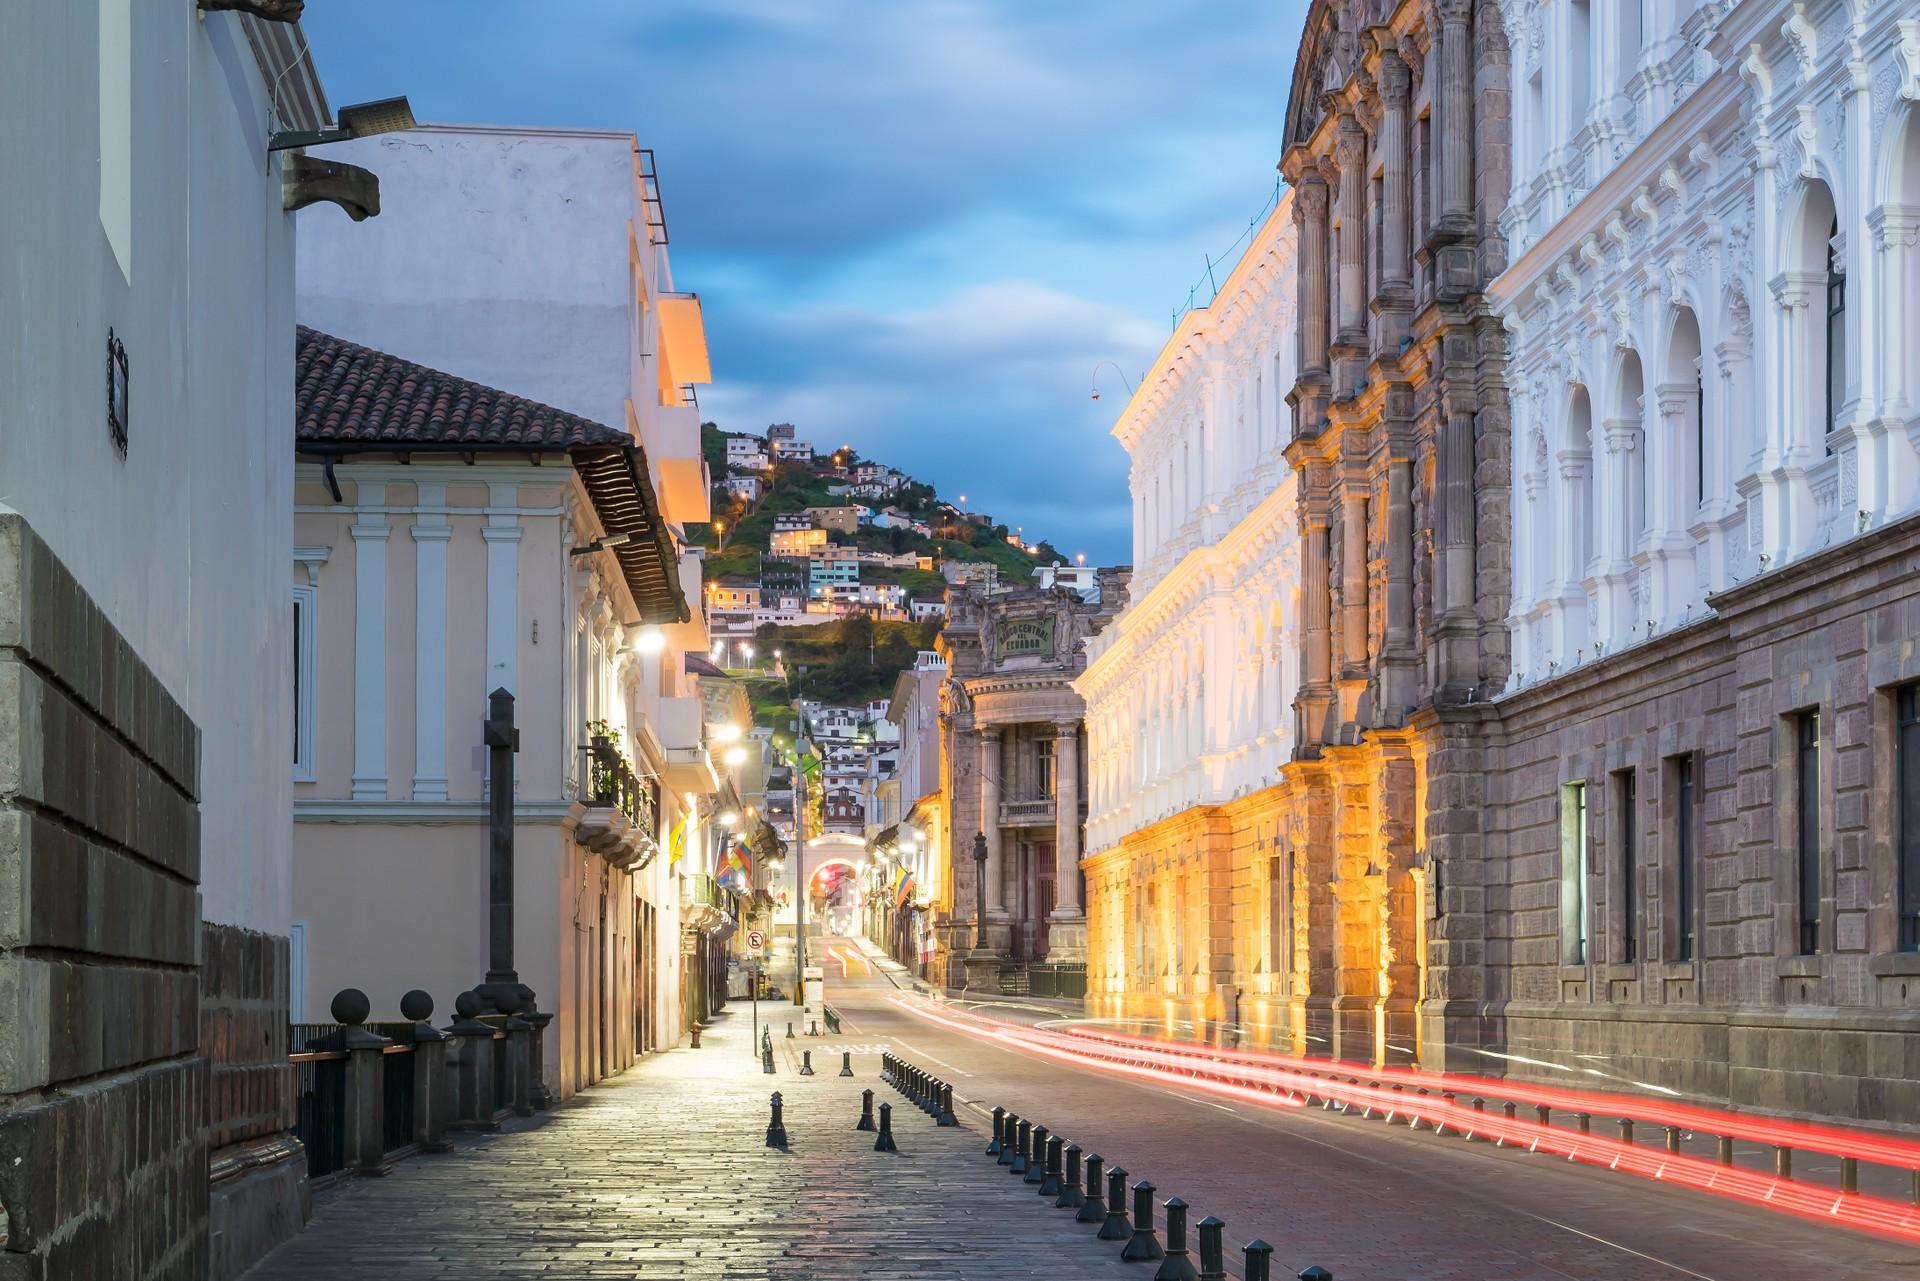 Quito Ecuador at night